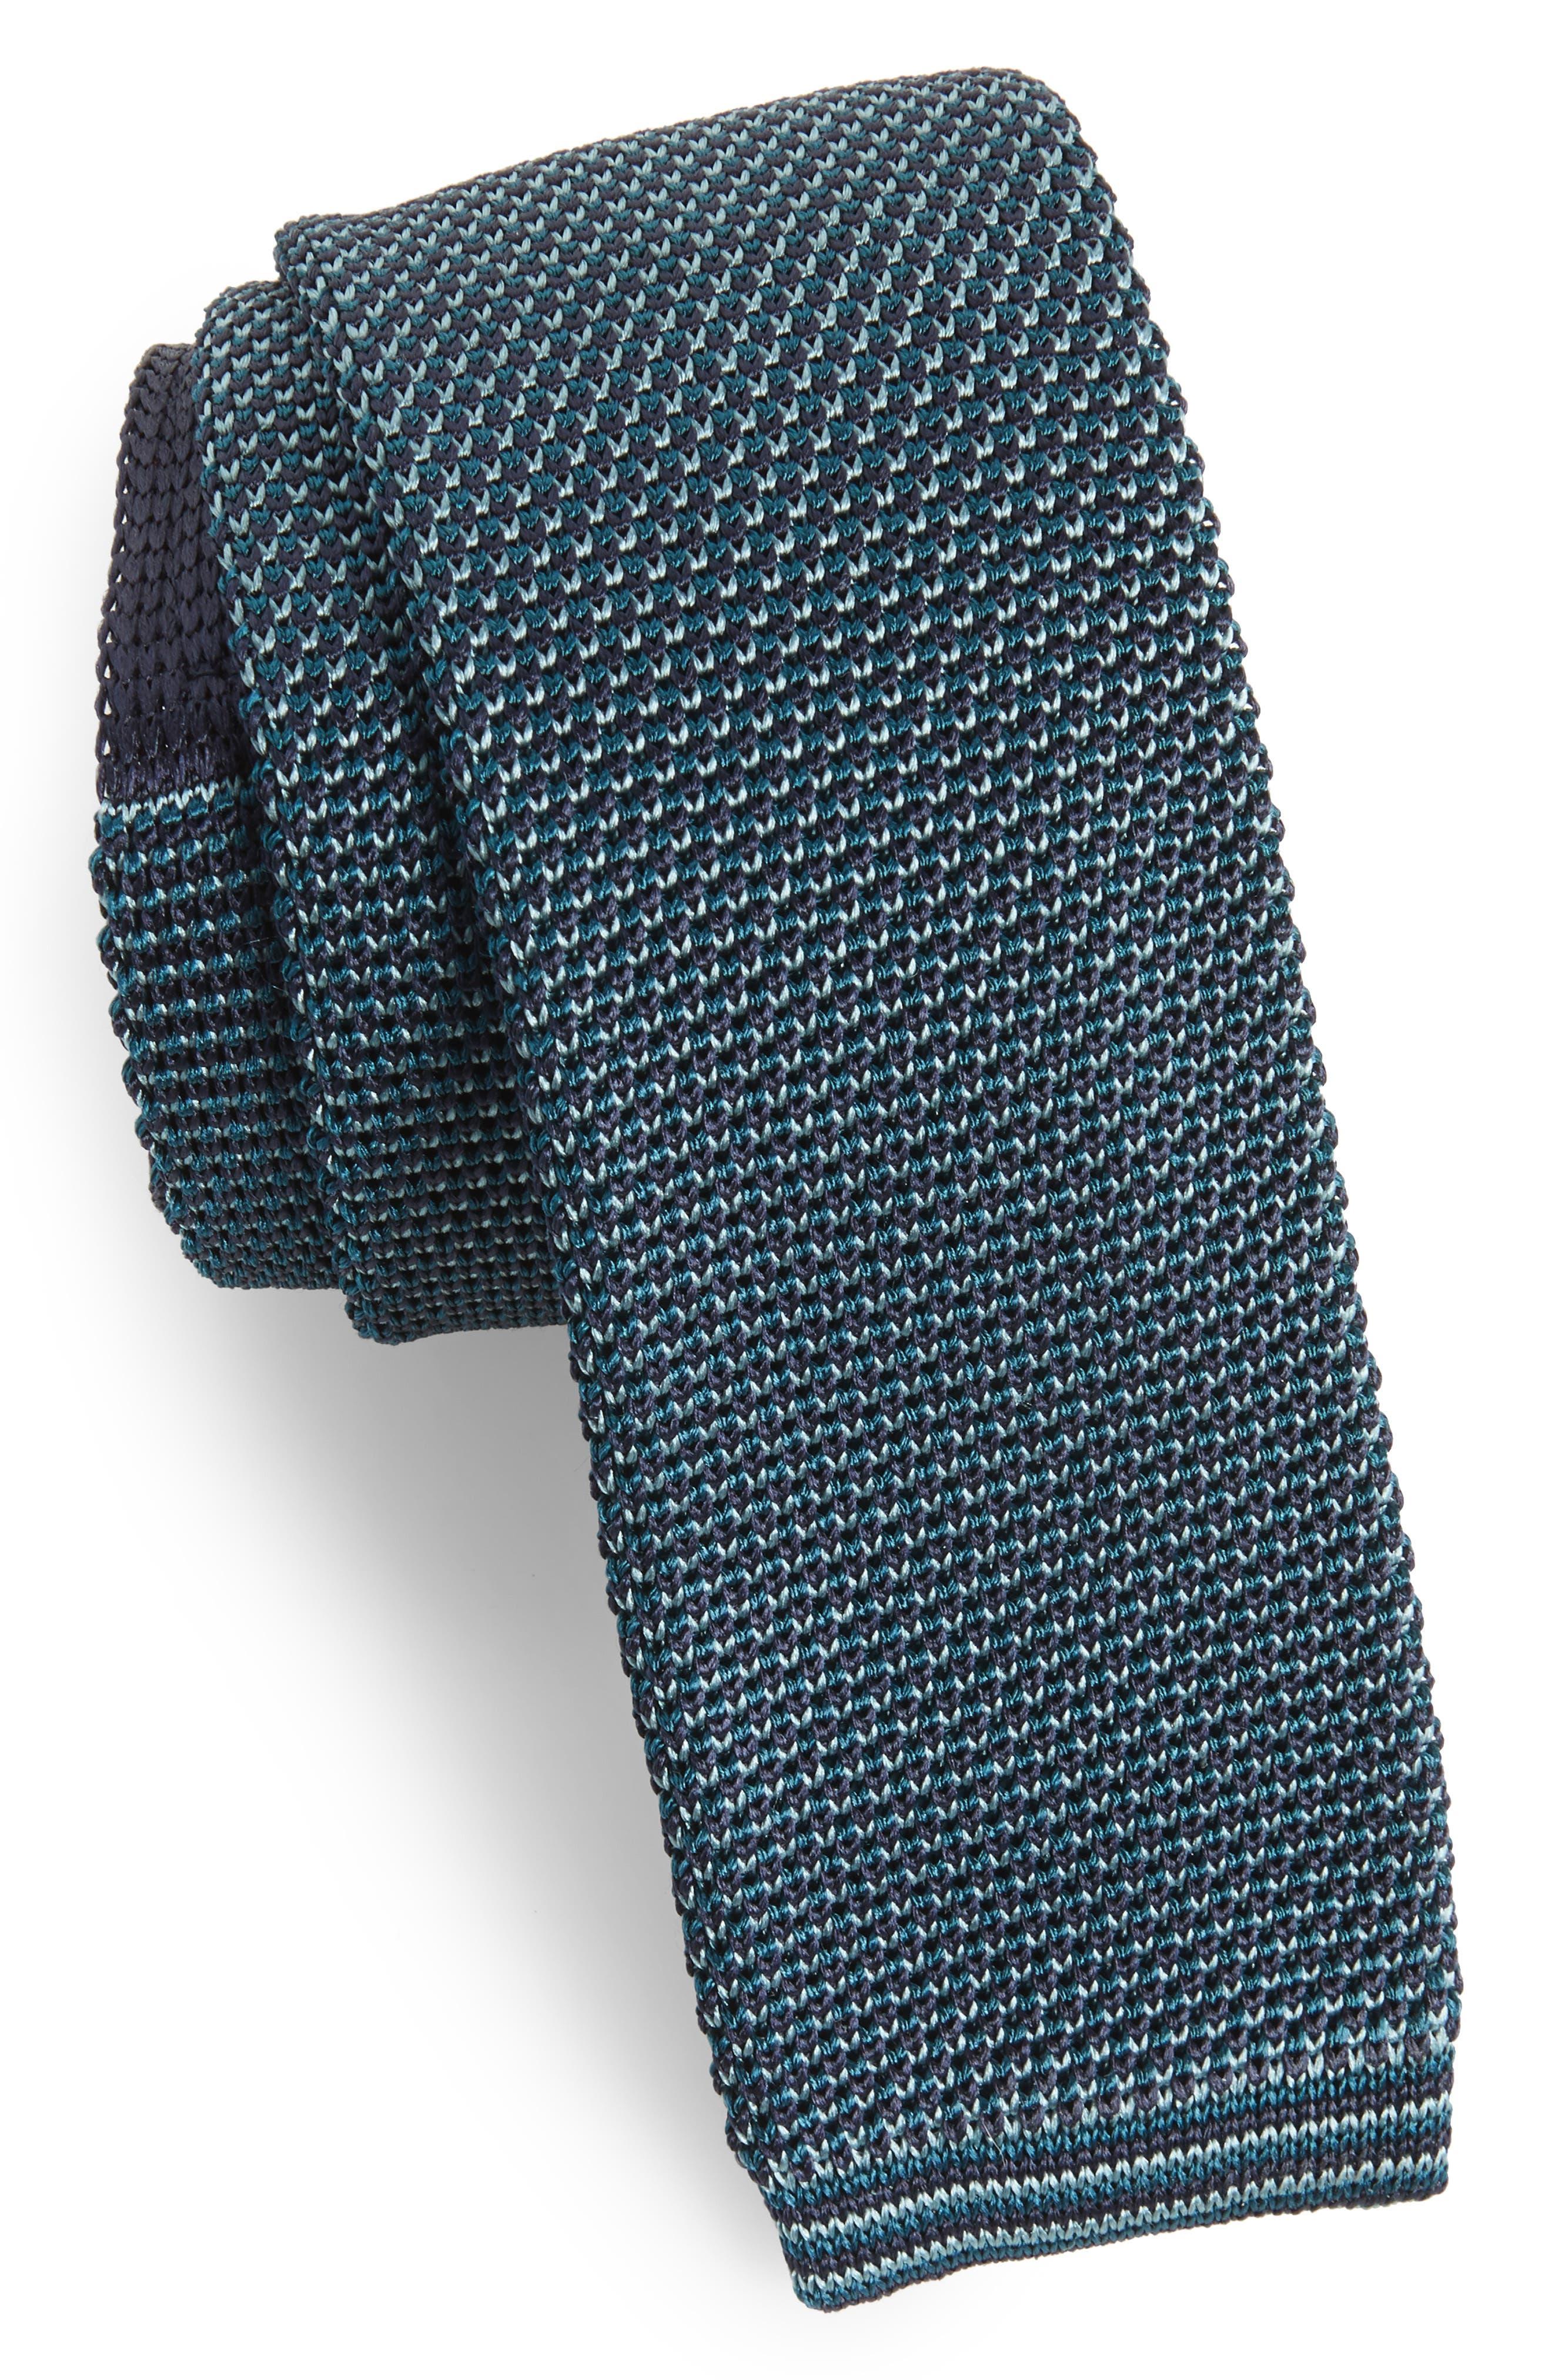 Ted Baker London Birdseye Knit Silk Skinny Tie